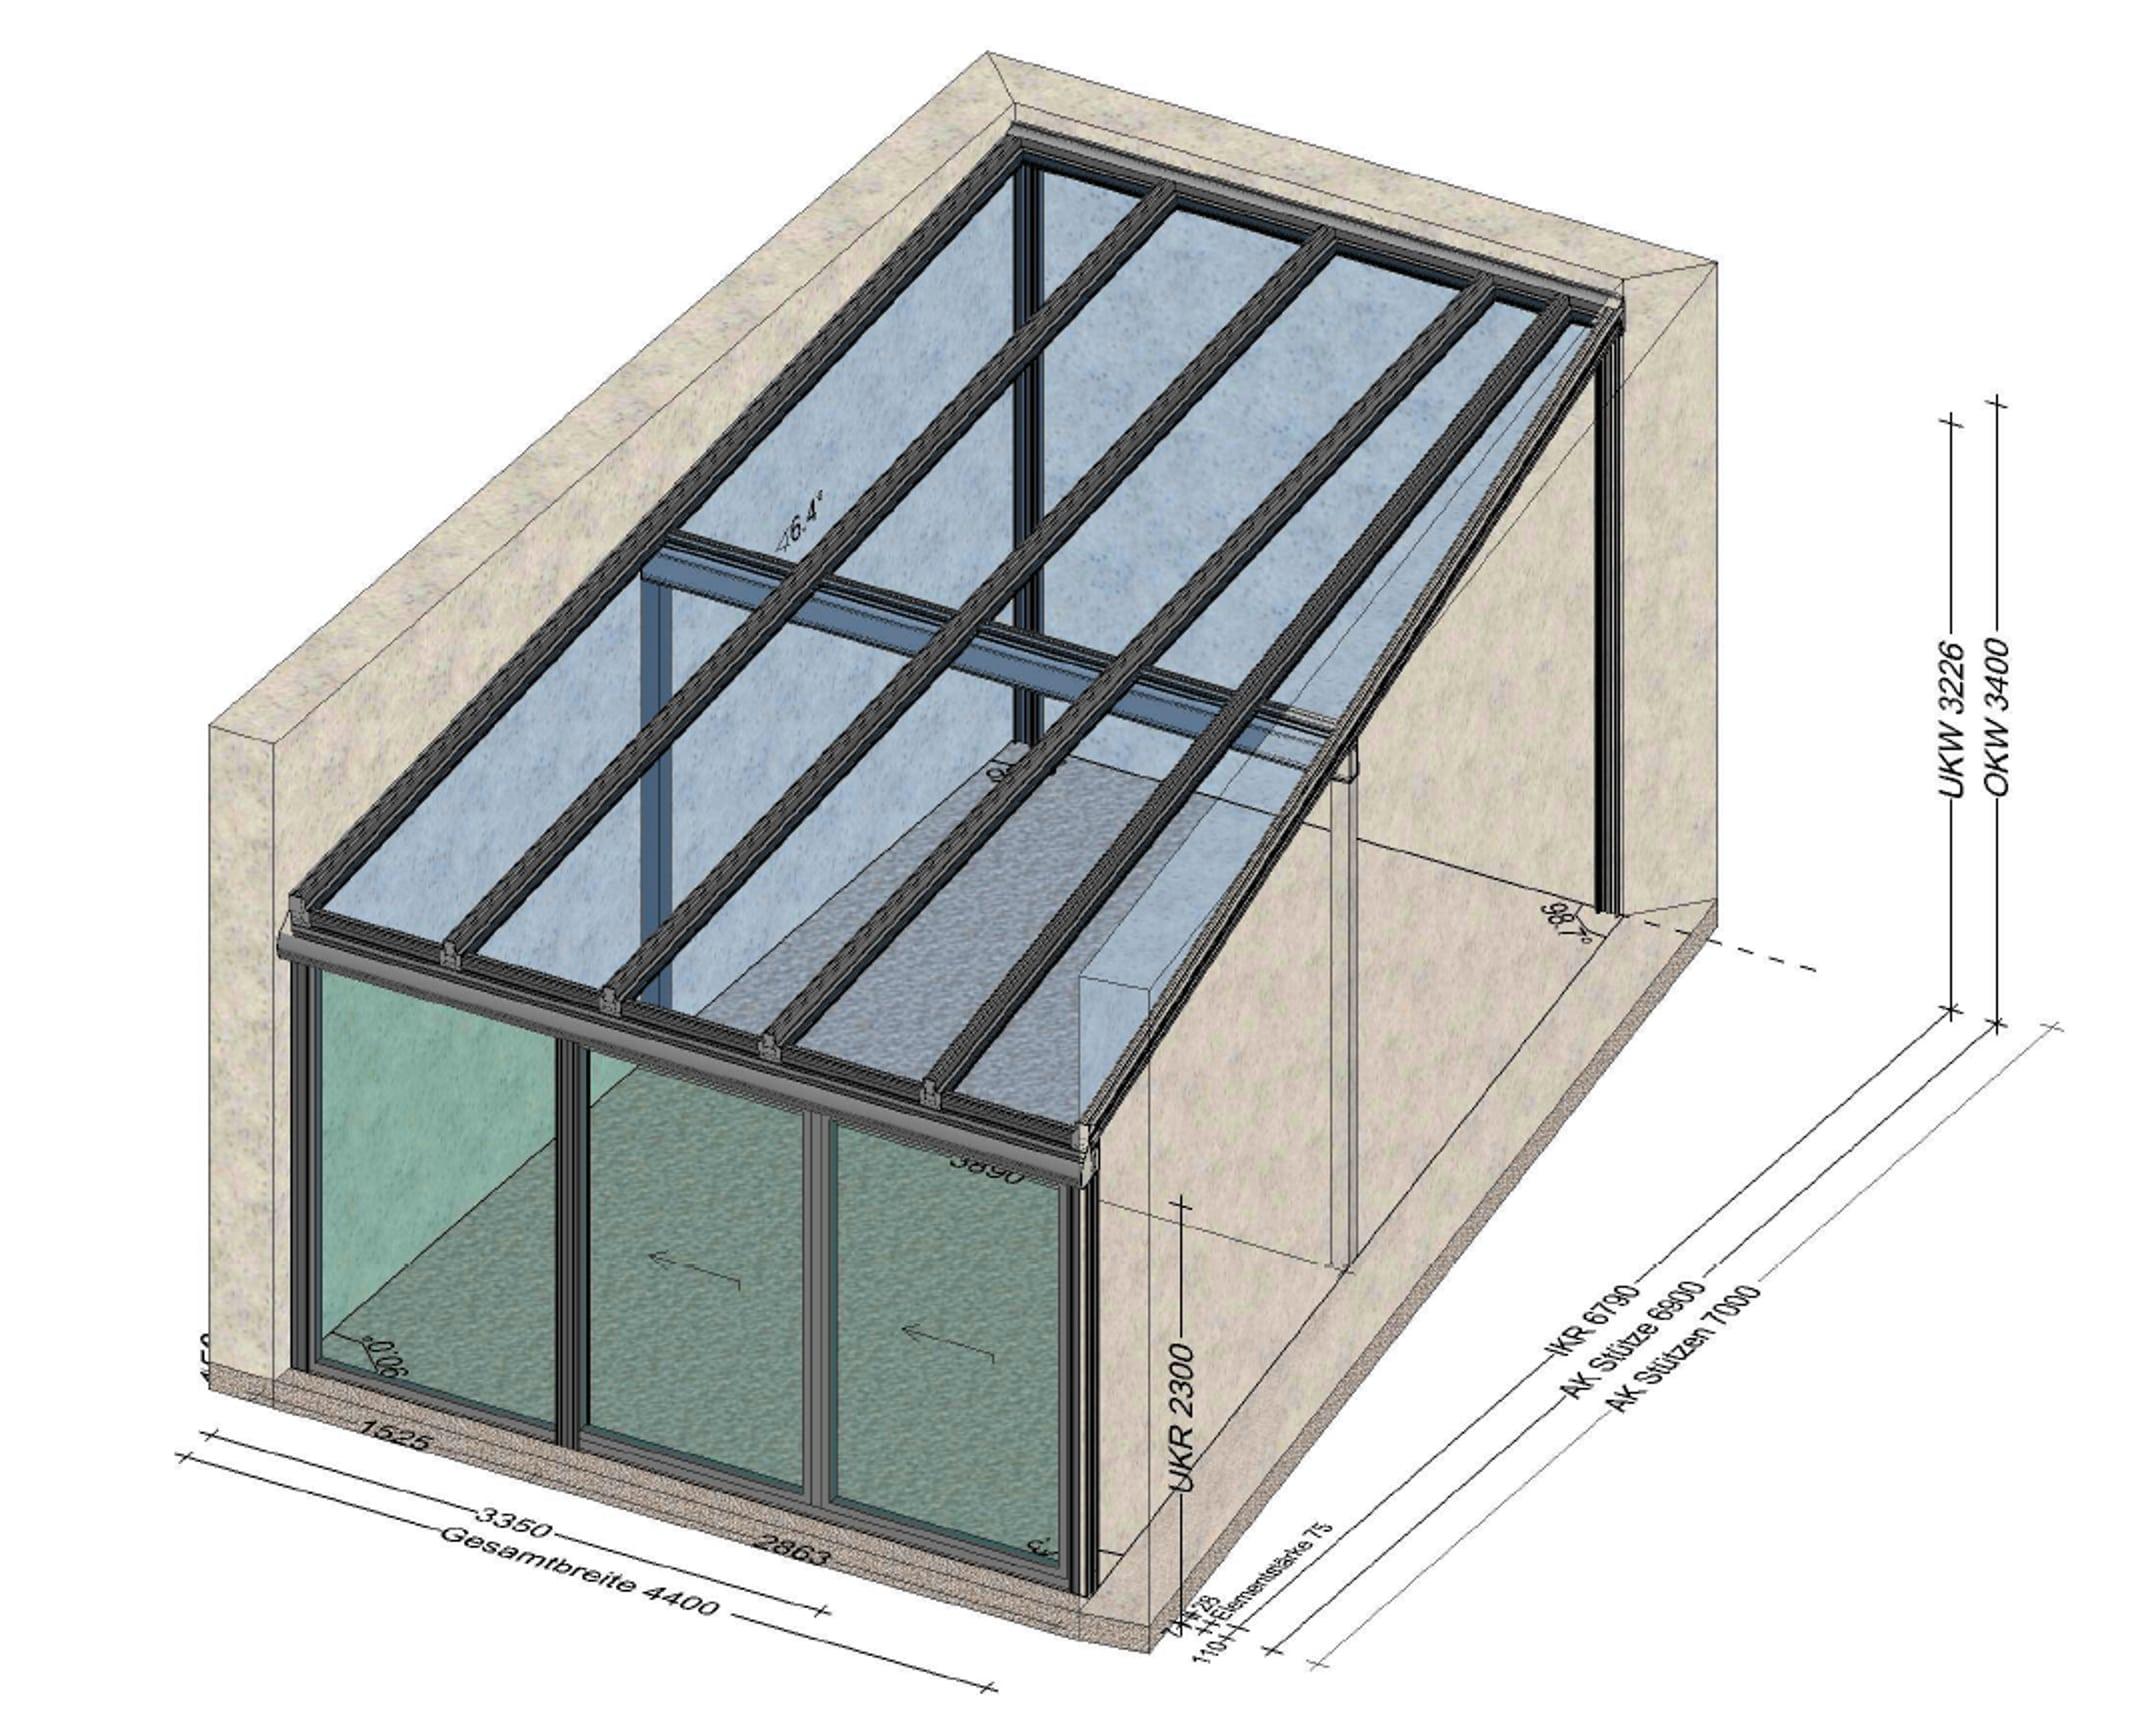 Wintergarten zwischen zwei Hausmauern montiert - Planung Bad Ischl